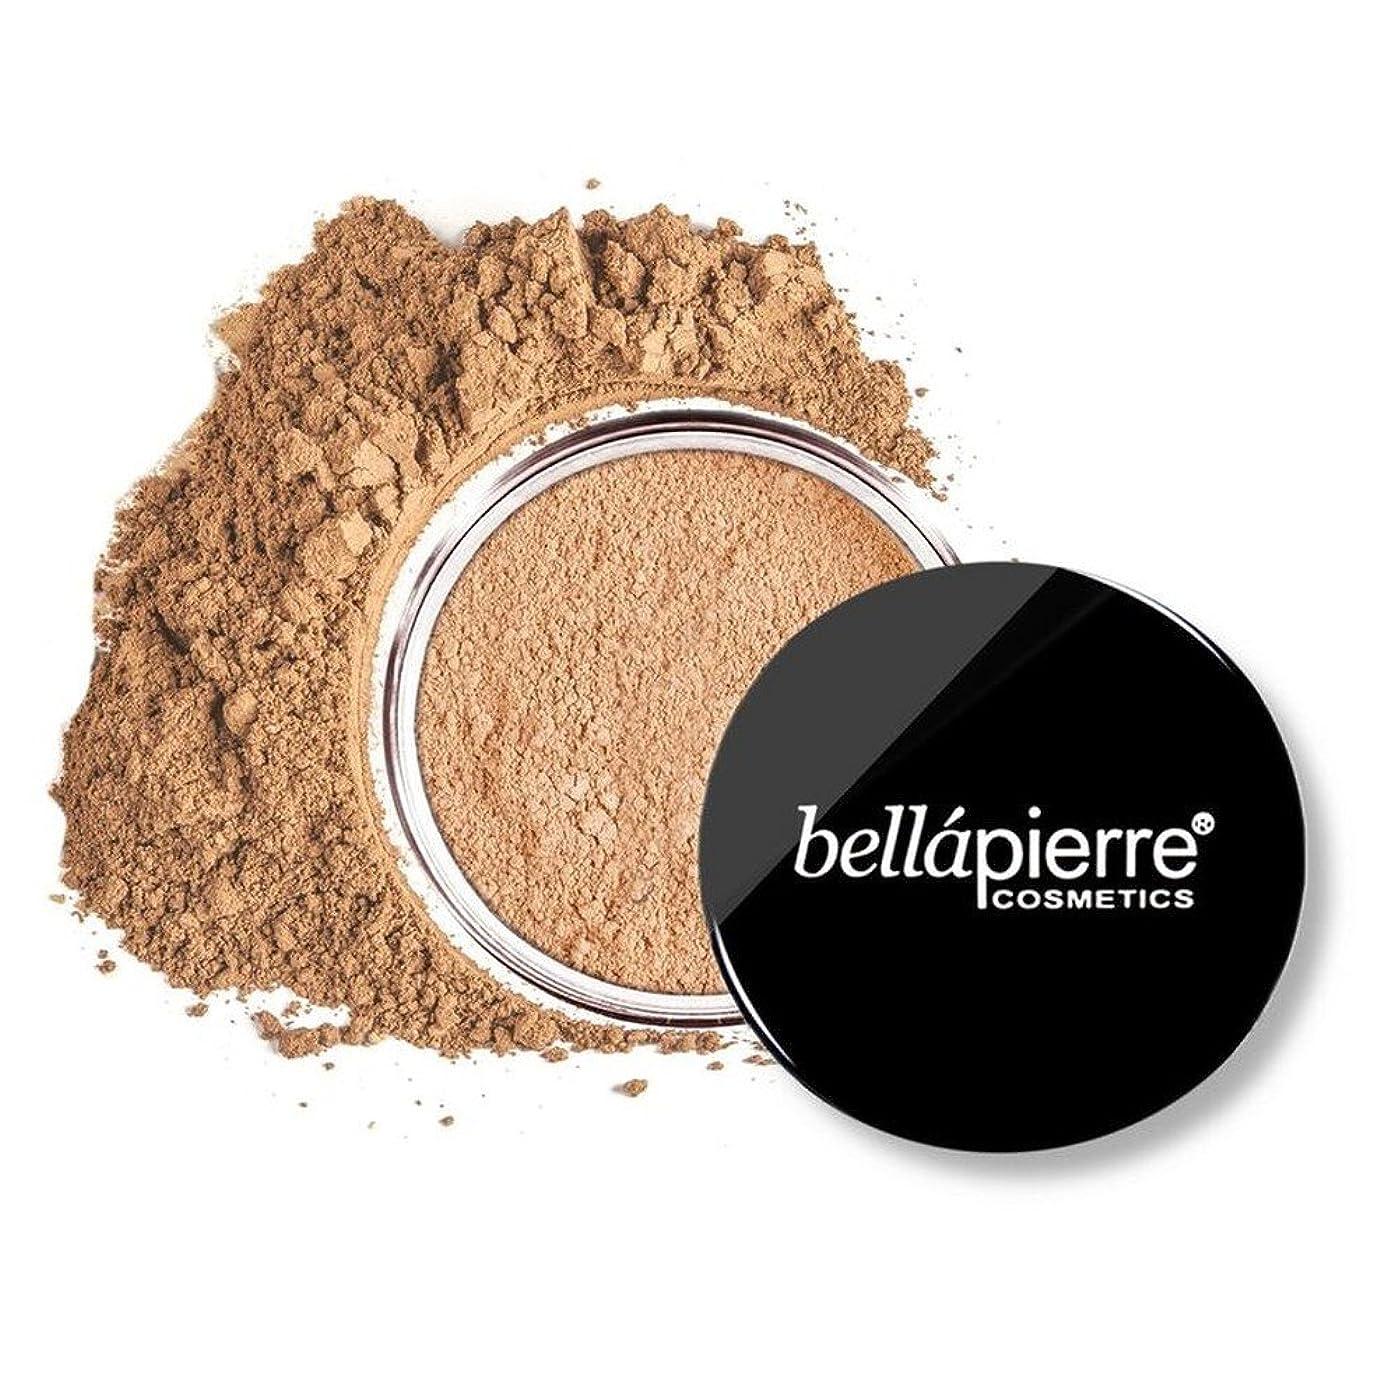 協力する耐えるBellapierre Cosmetics Mineral Foundation SPF 15 - # Latte 9g/0.32oz並行輸入品